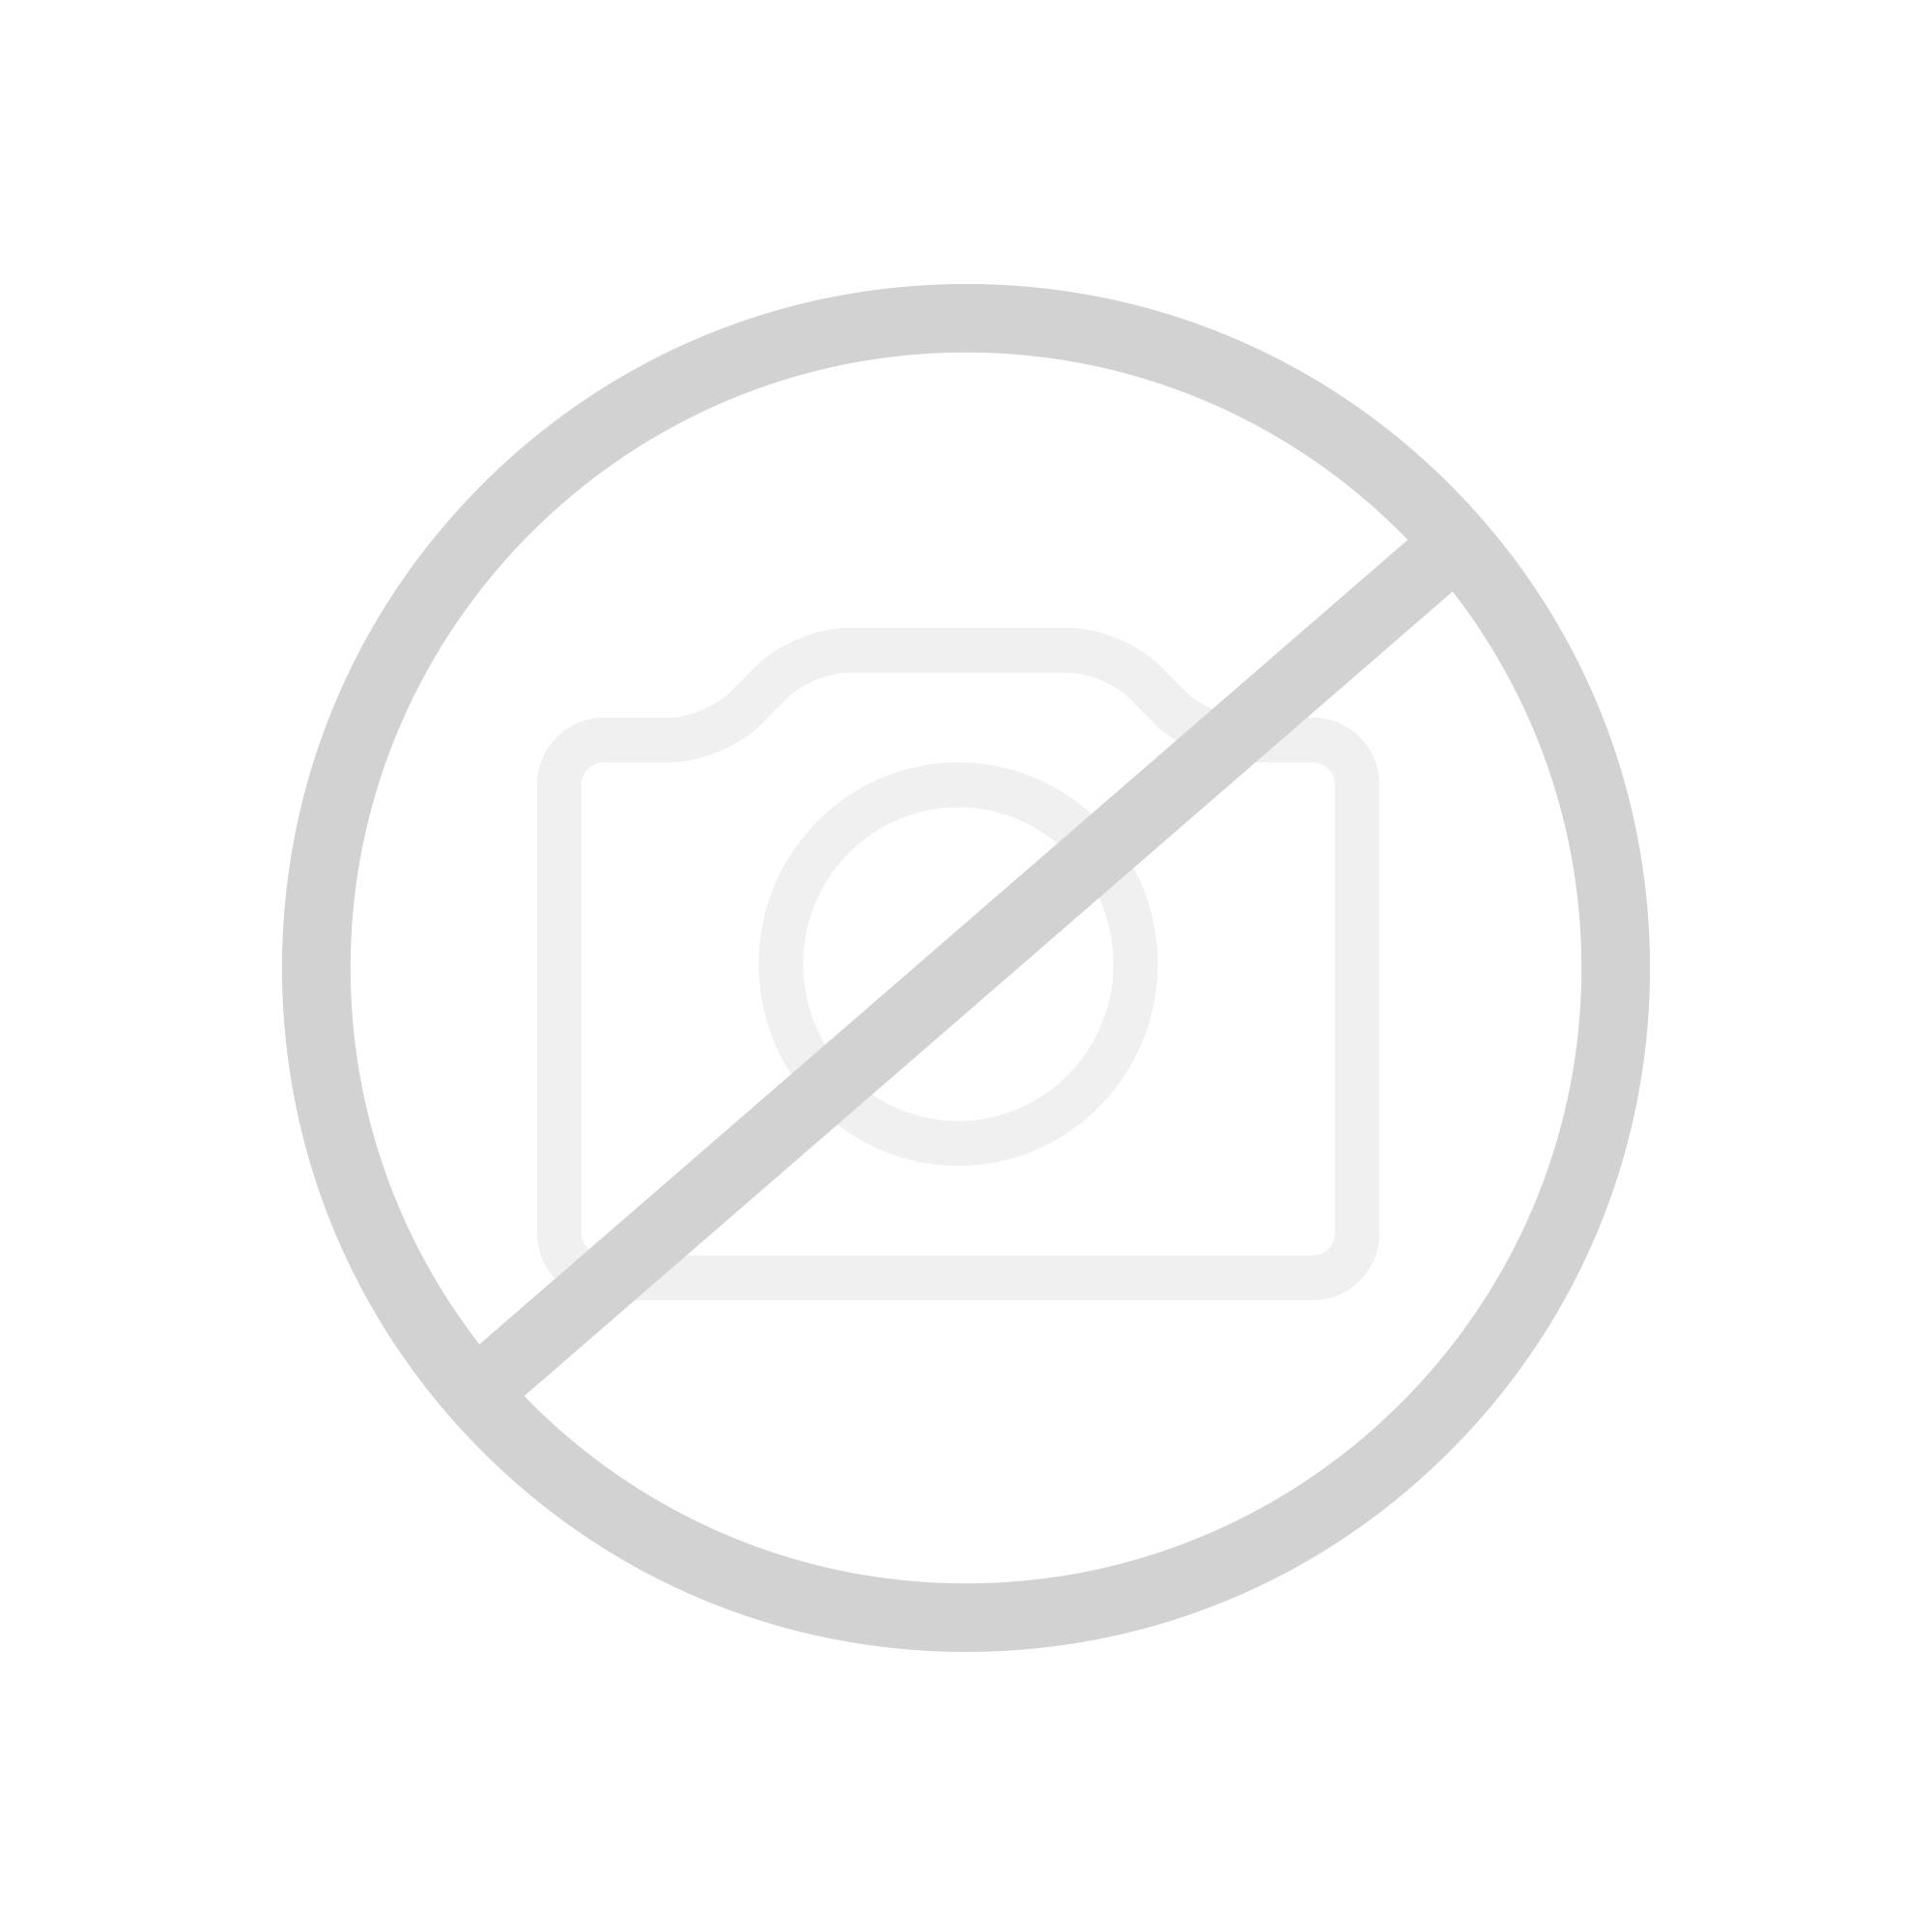 raumausstattung: räume exklusiv einrichten bei reuter - Ideen Fur Regenschirmstander Innendesign Bestimmt Auswahl